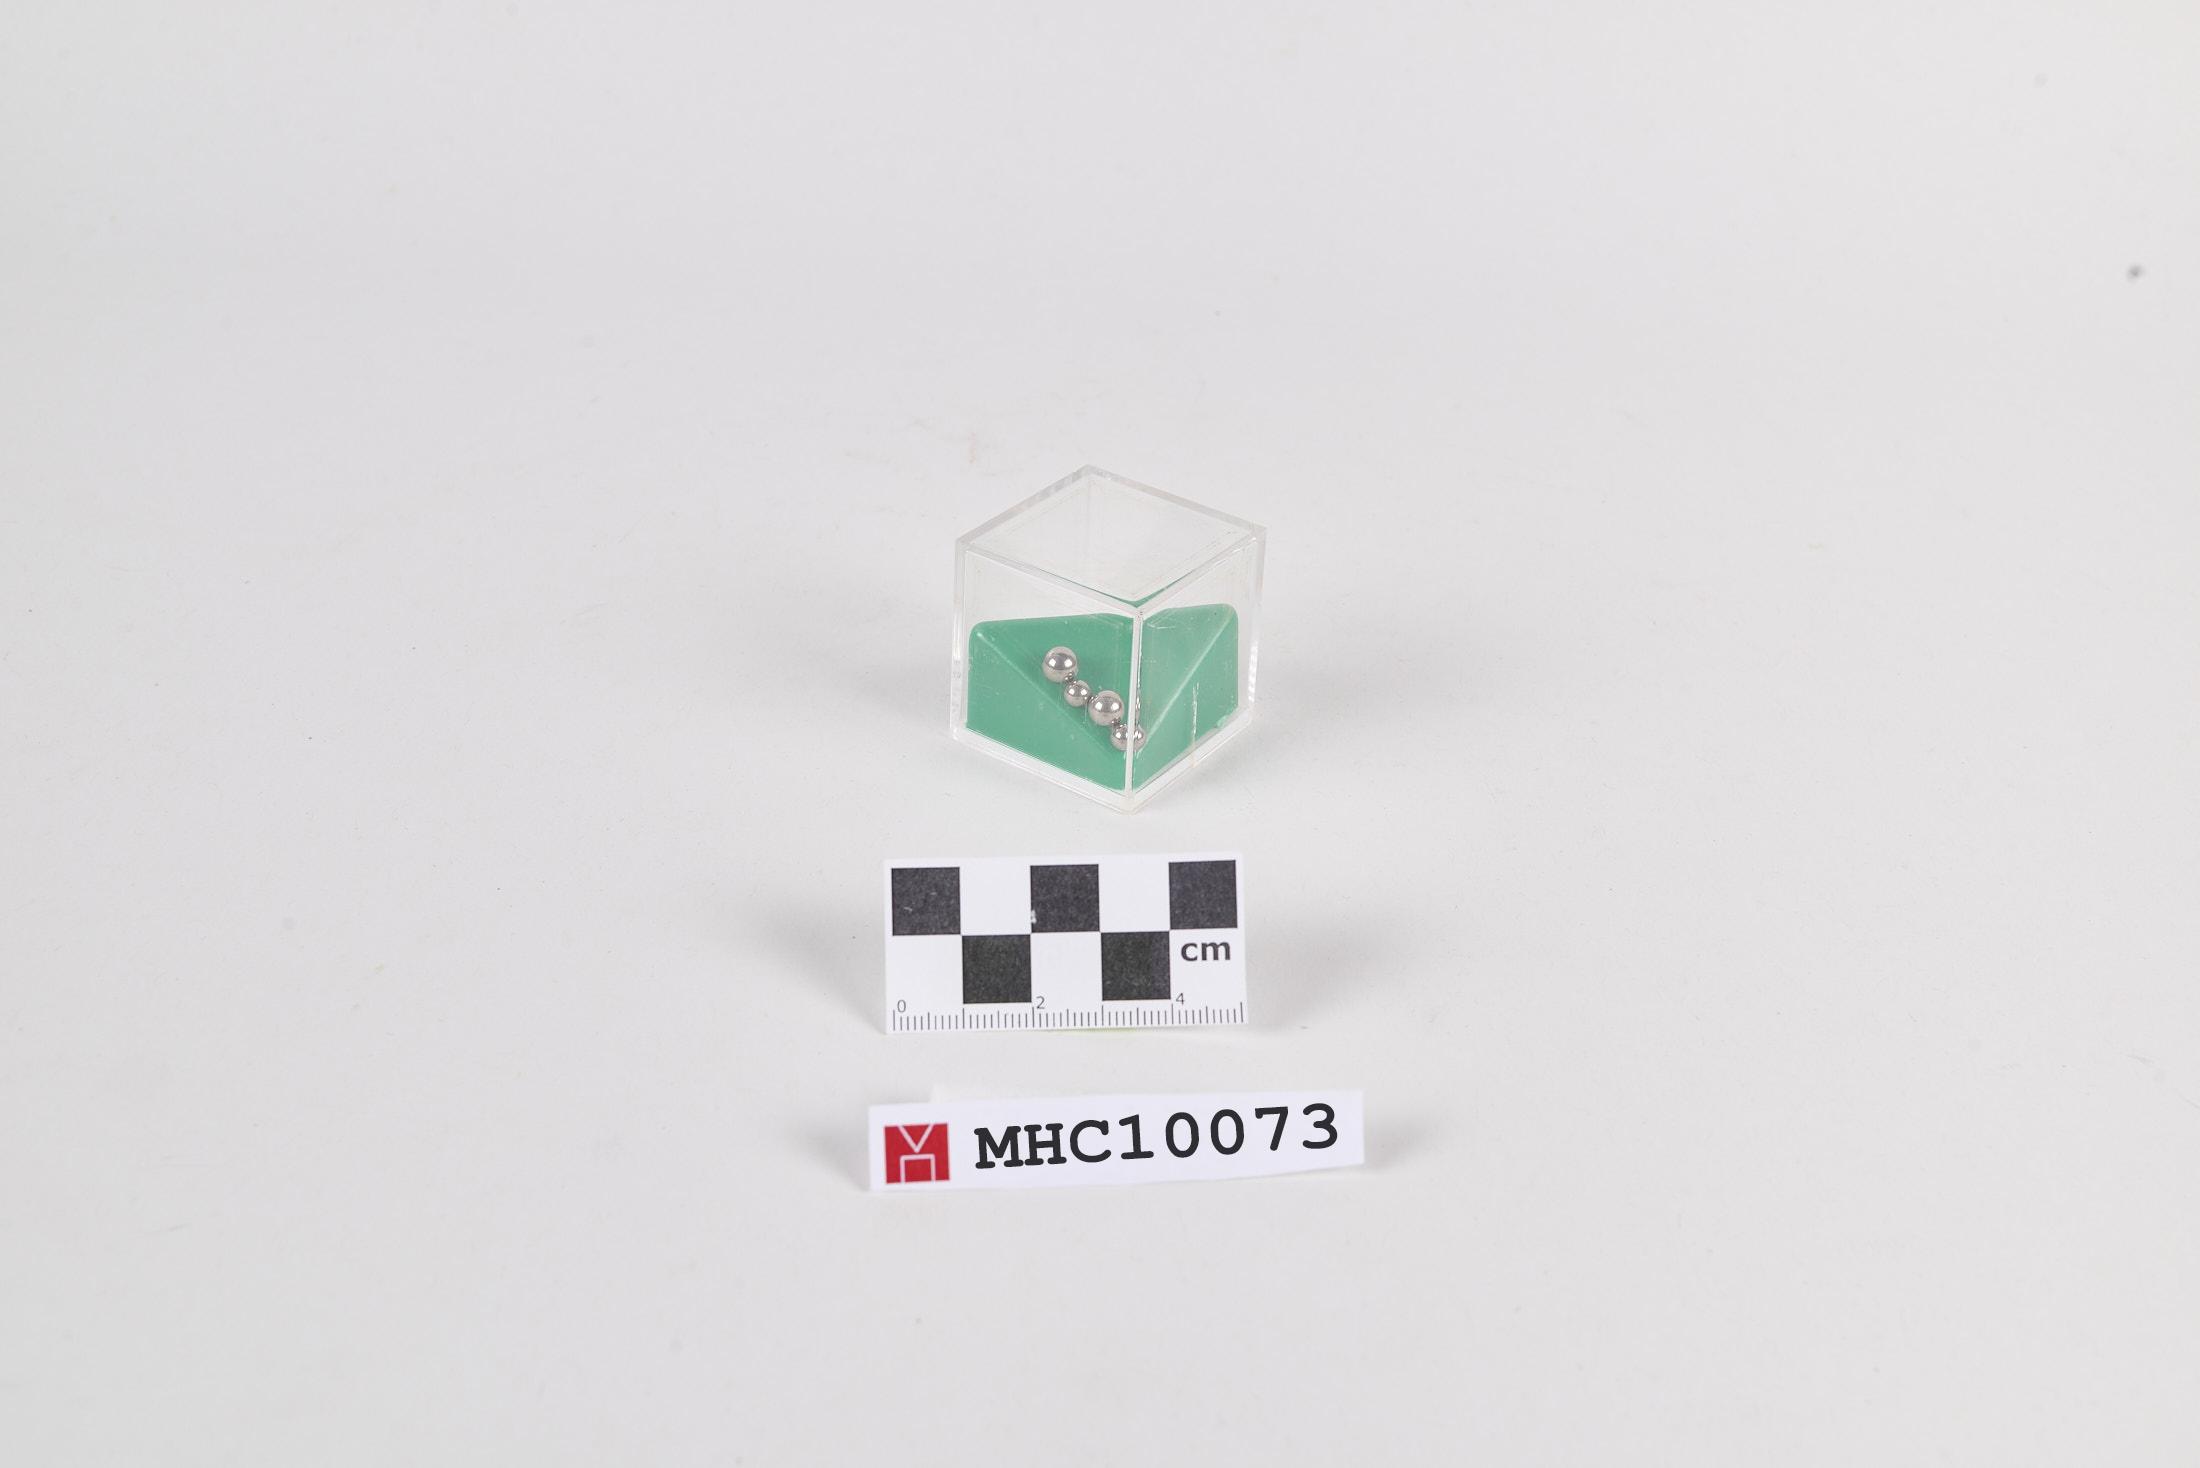 mhc10073